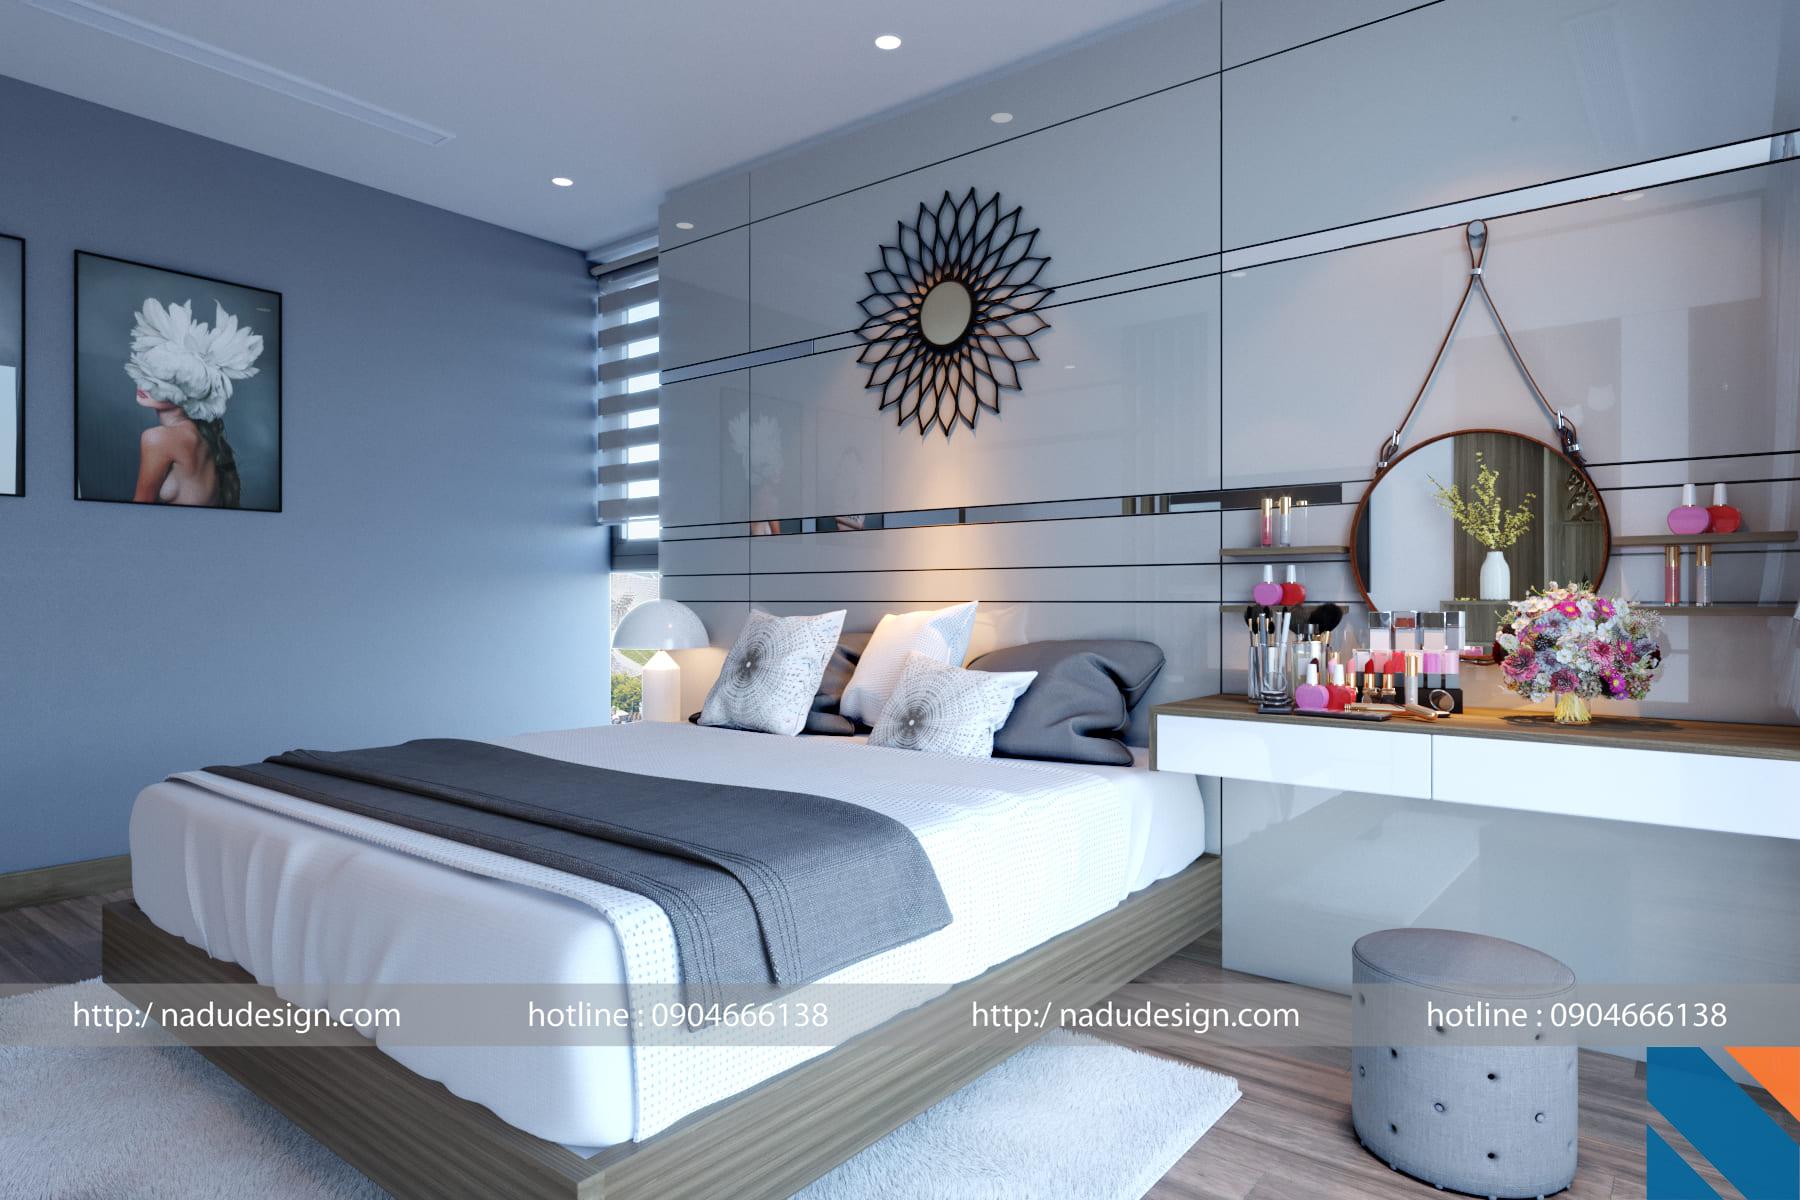 Thiết kế, thi công nội thất phòng ngủ với gỗ công nghiệp MFC An Cường